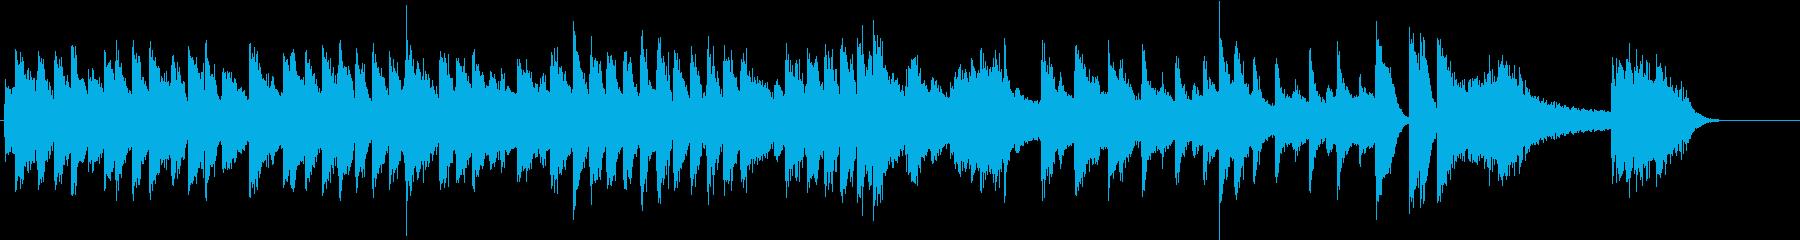 ブギウギで演奏した春よ来いピアノBGM②の再生済みの波形